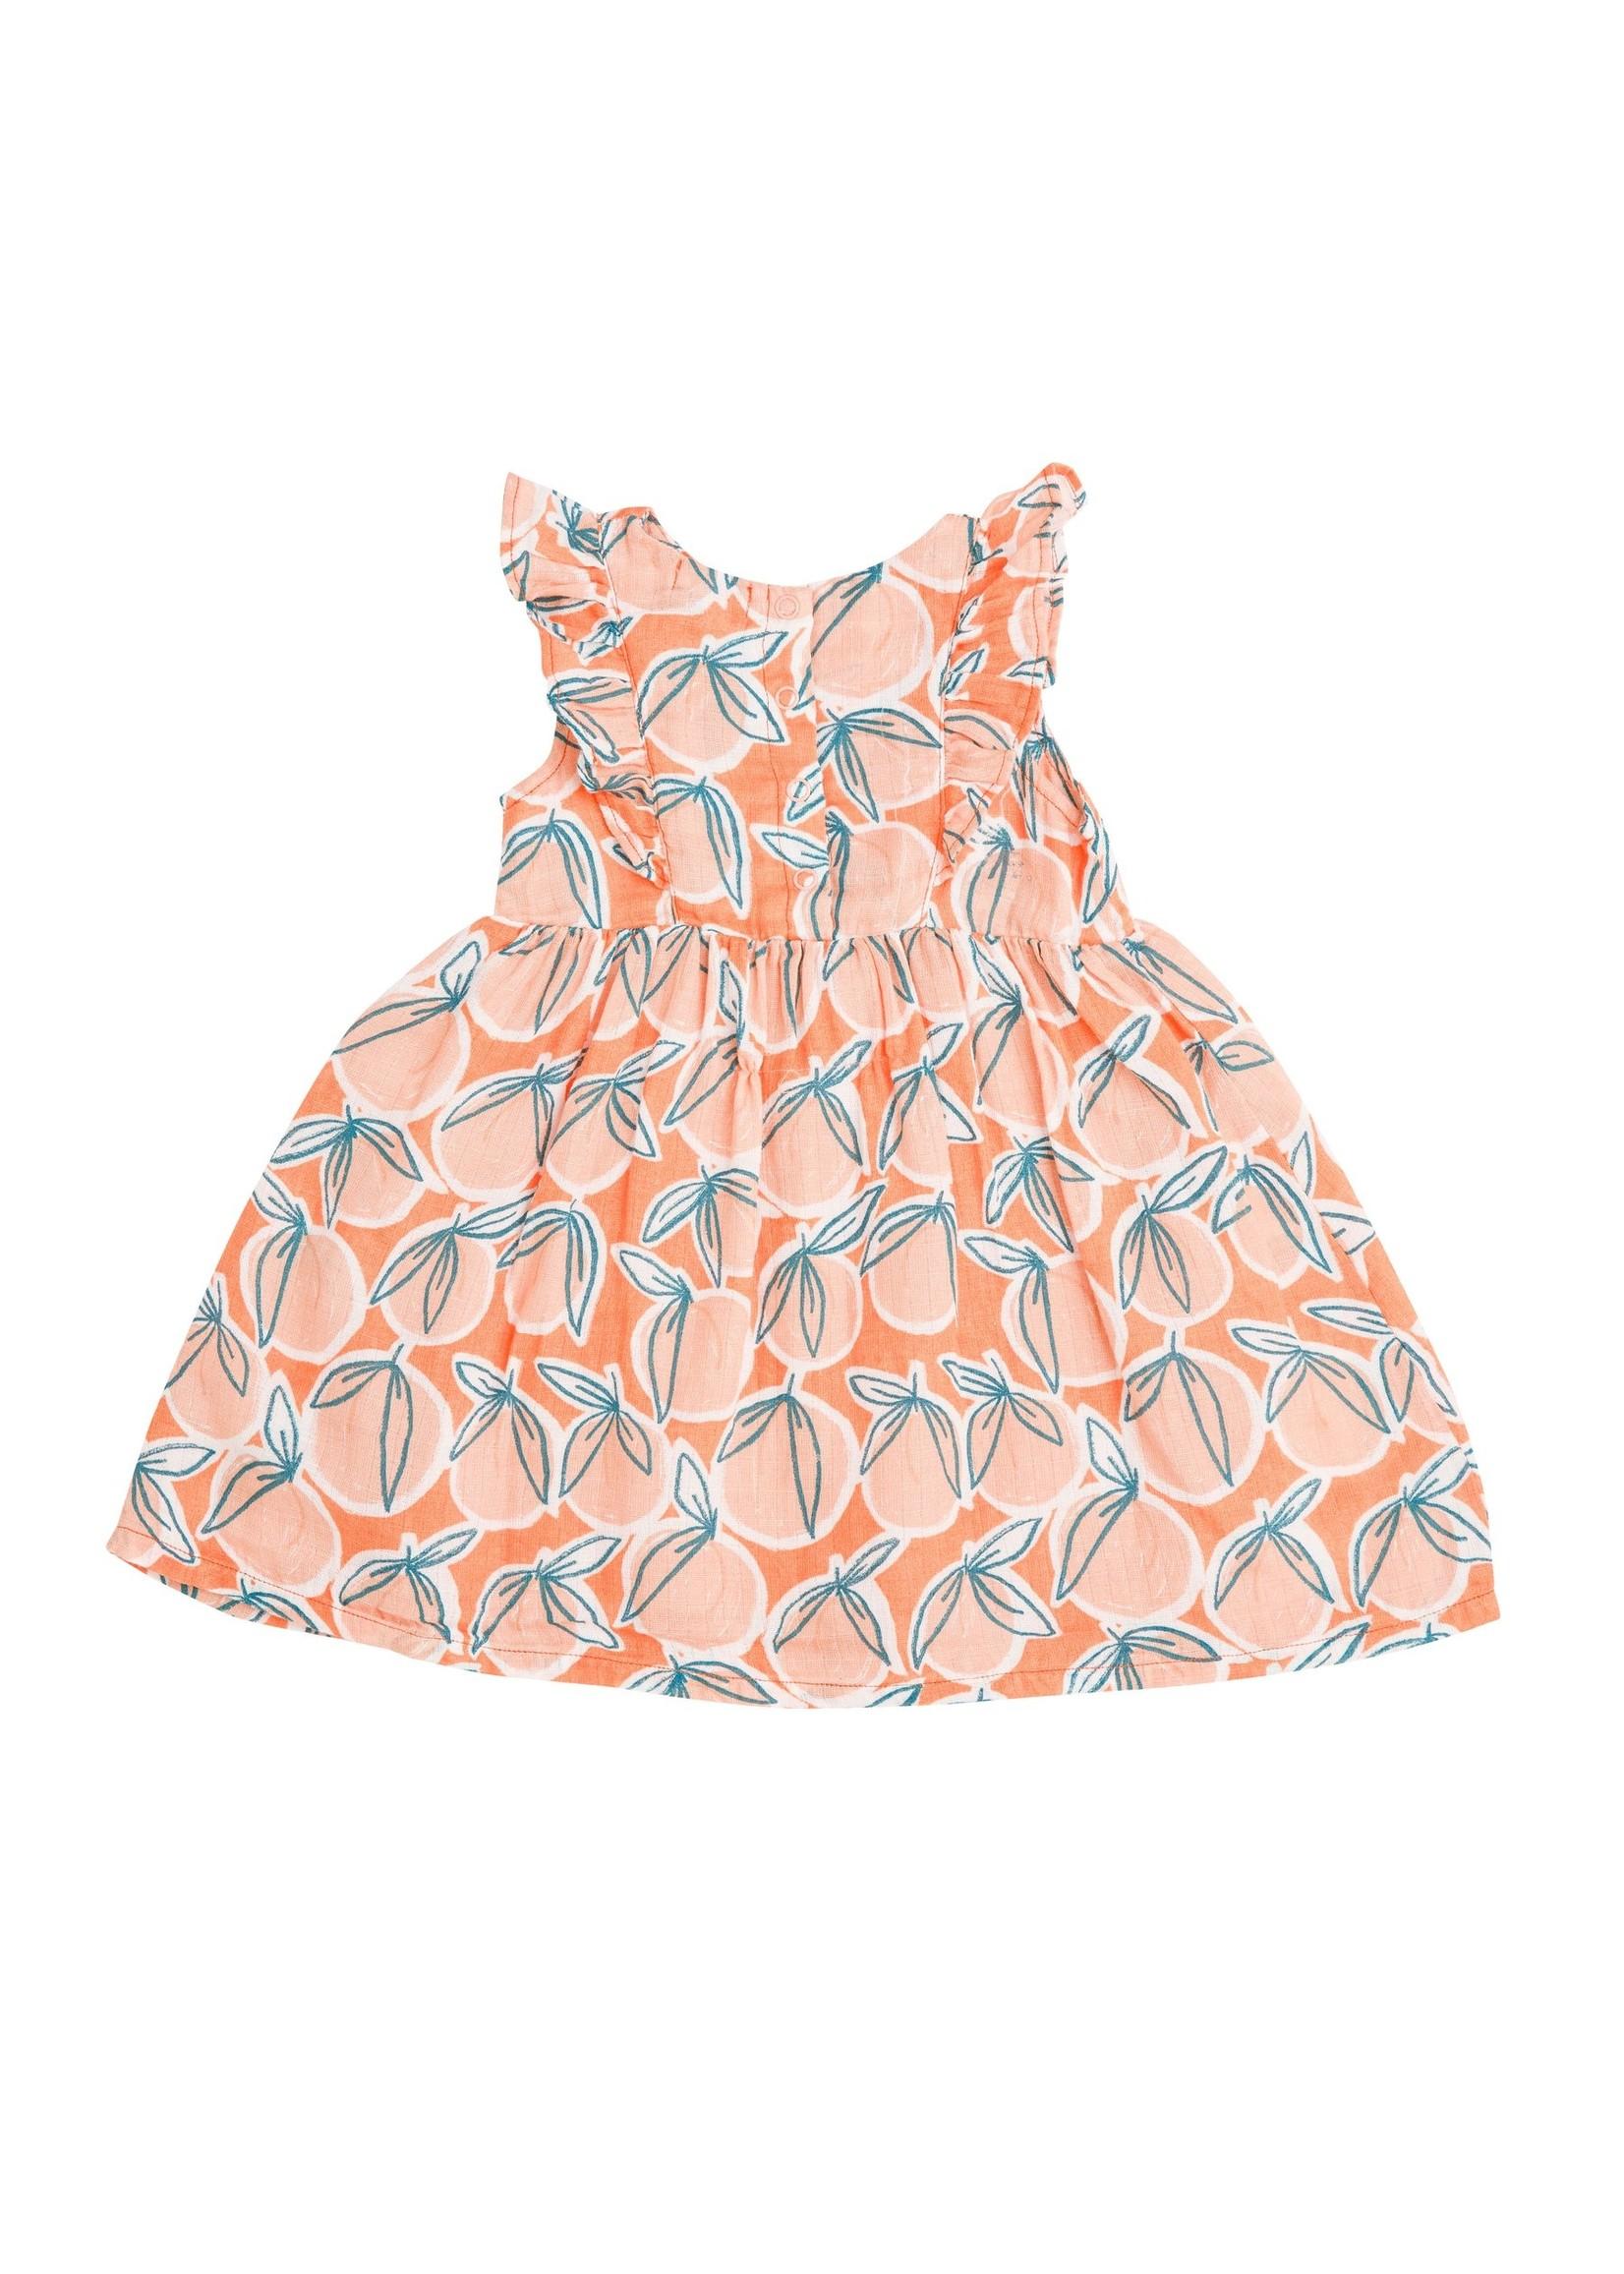 Angel Dear Peachy Sundress/Diaper Cover Cantaloupe